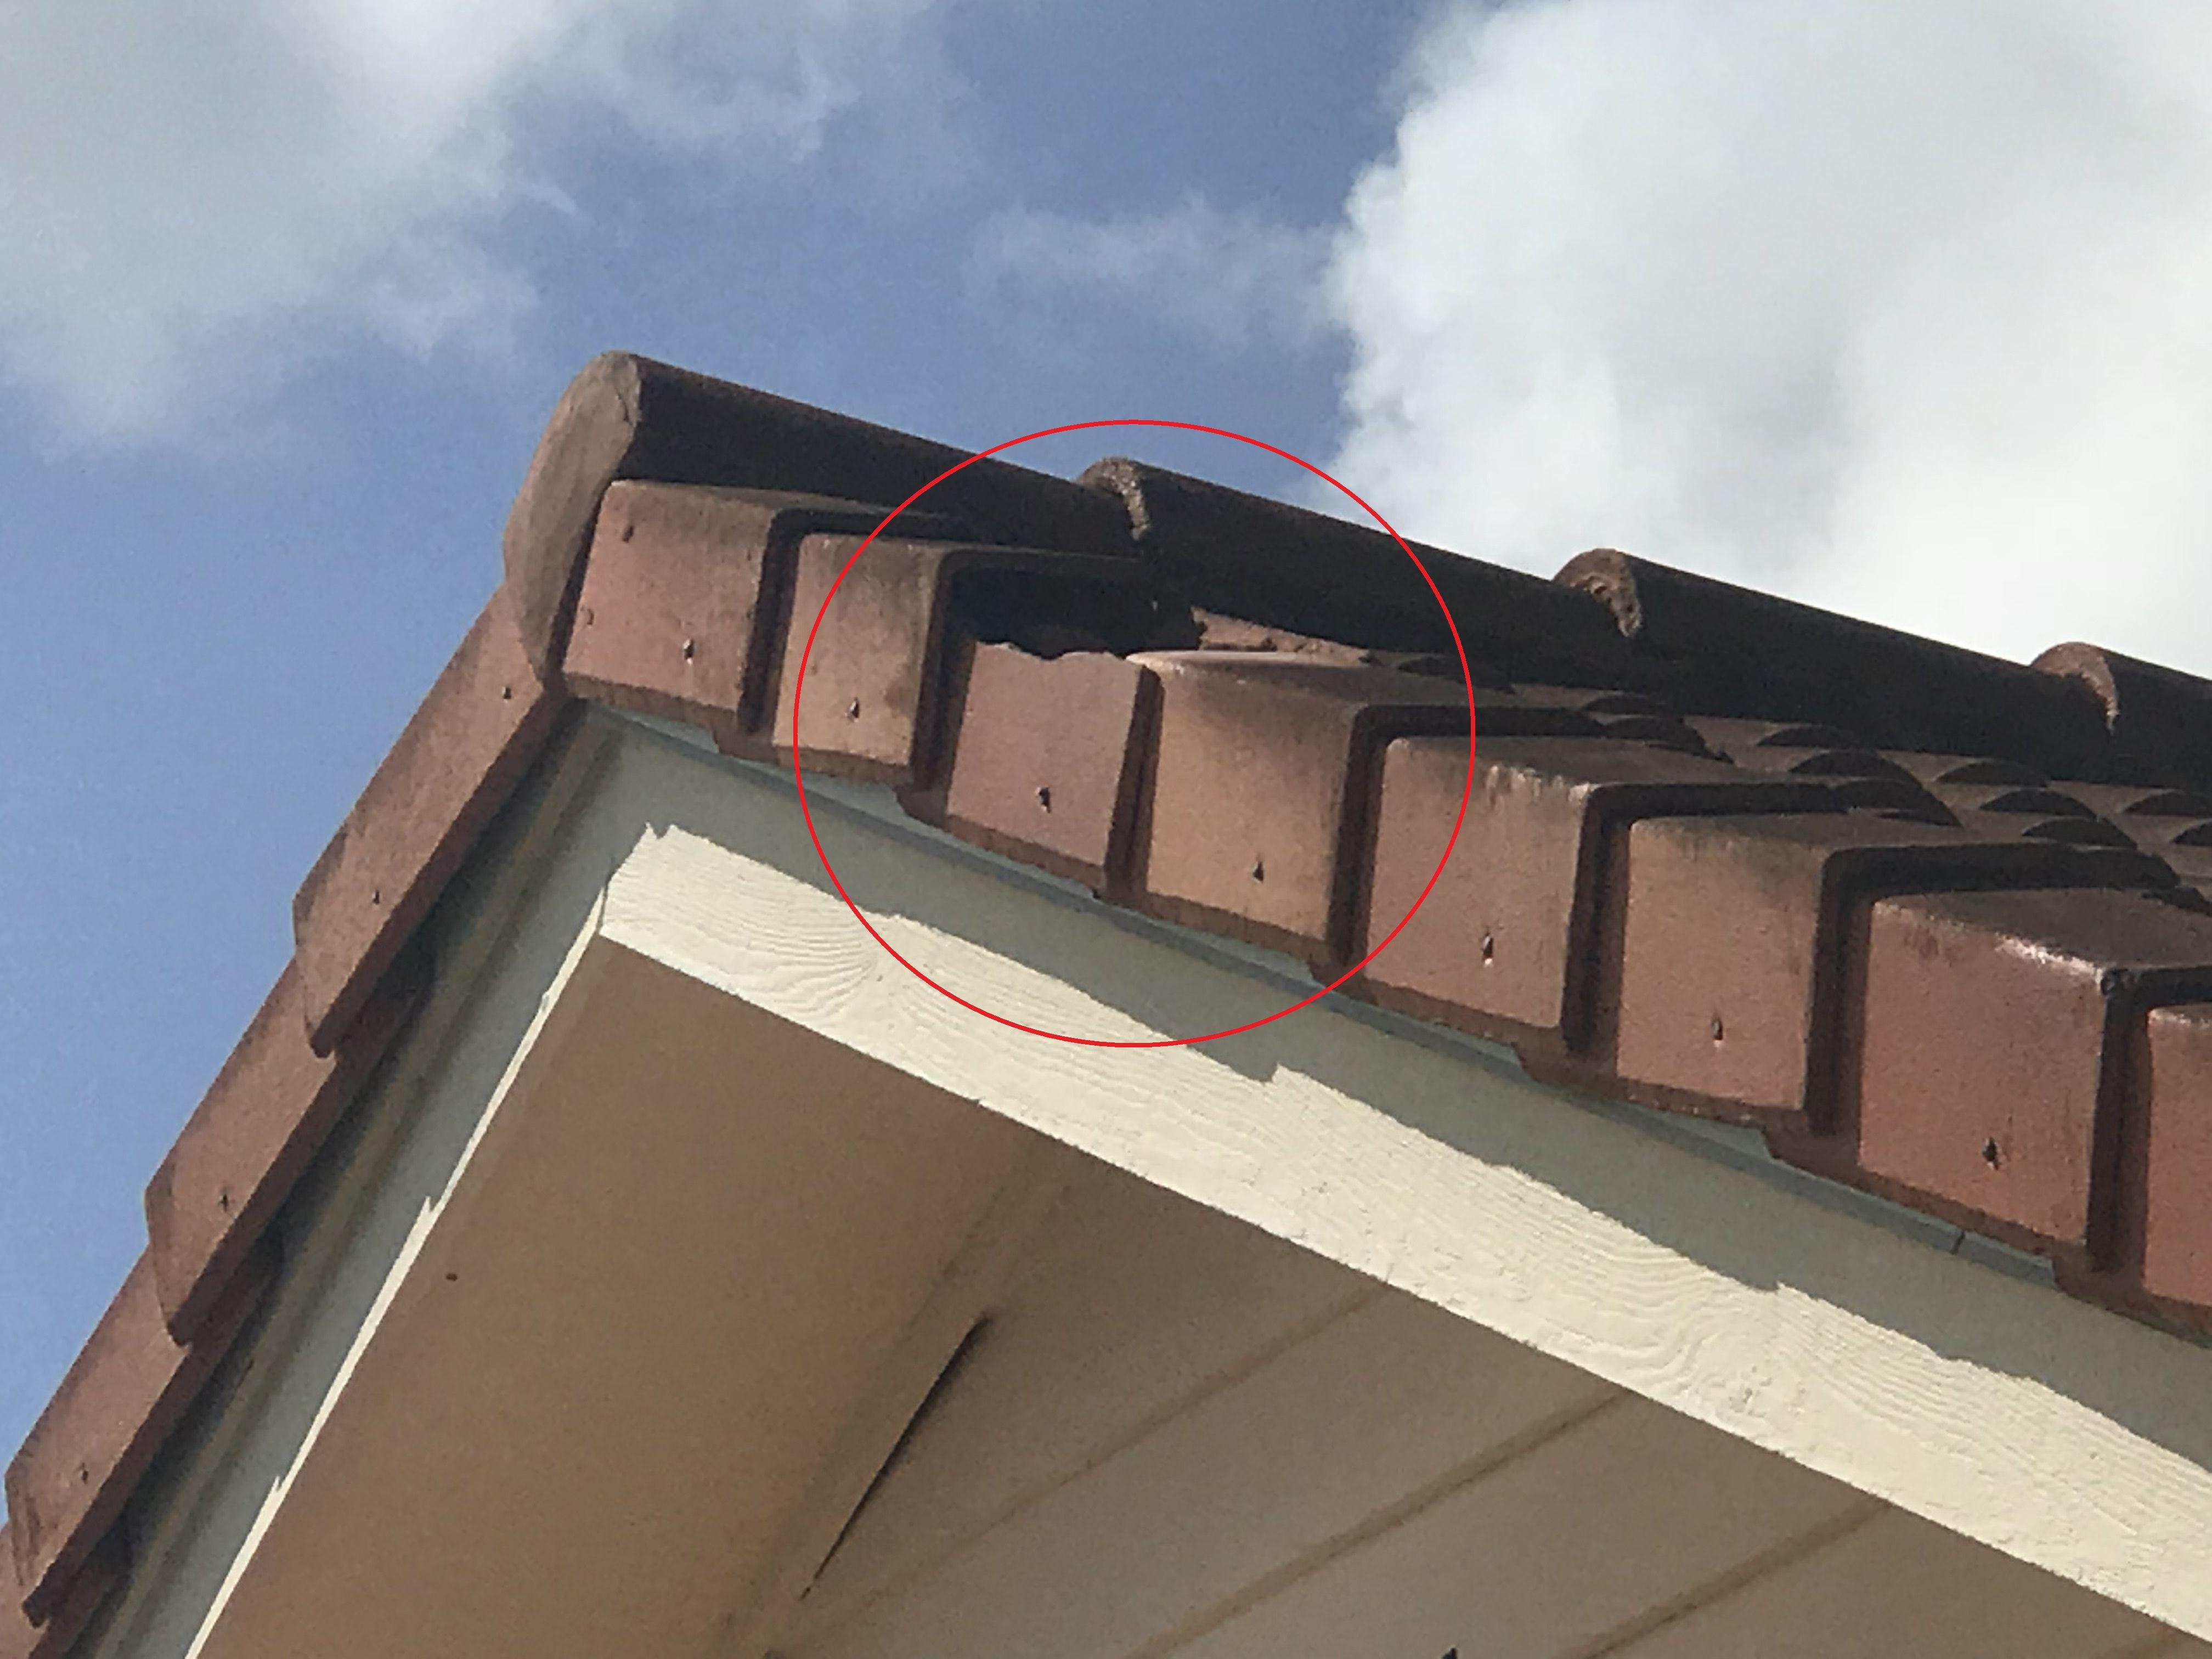 ec7f616cda52a1970a87376053aab11b - Dryer Vent Cleaning Palm Beach Gardens Fl